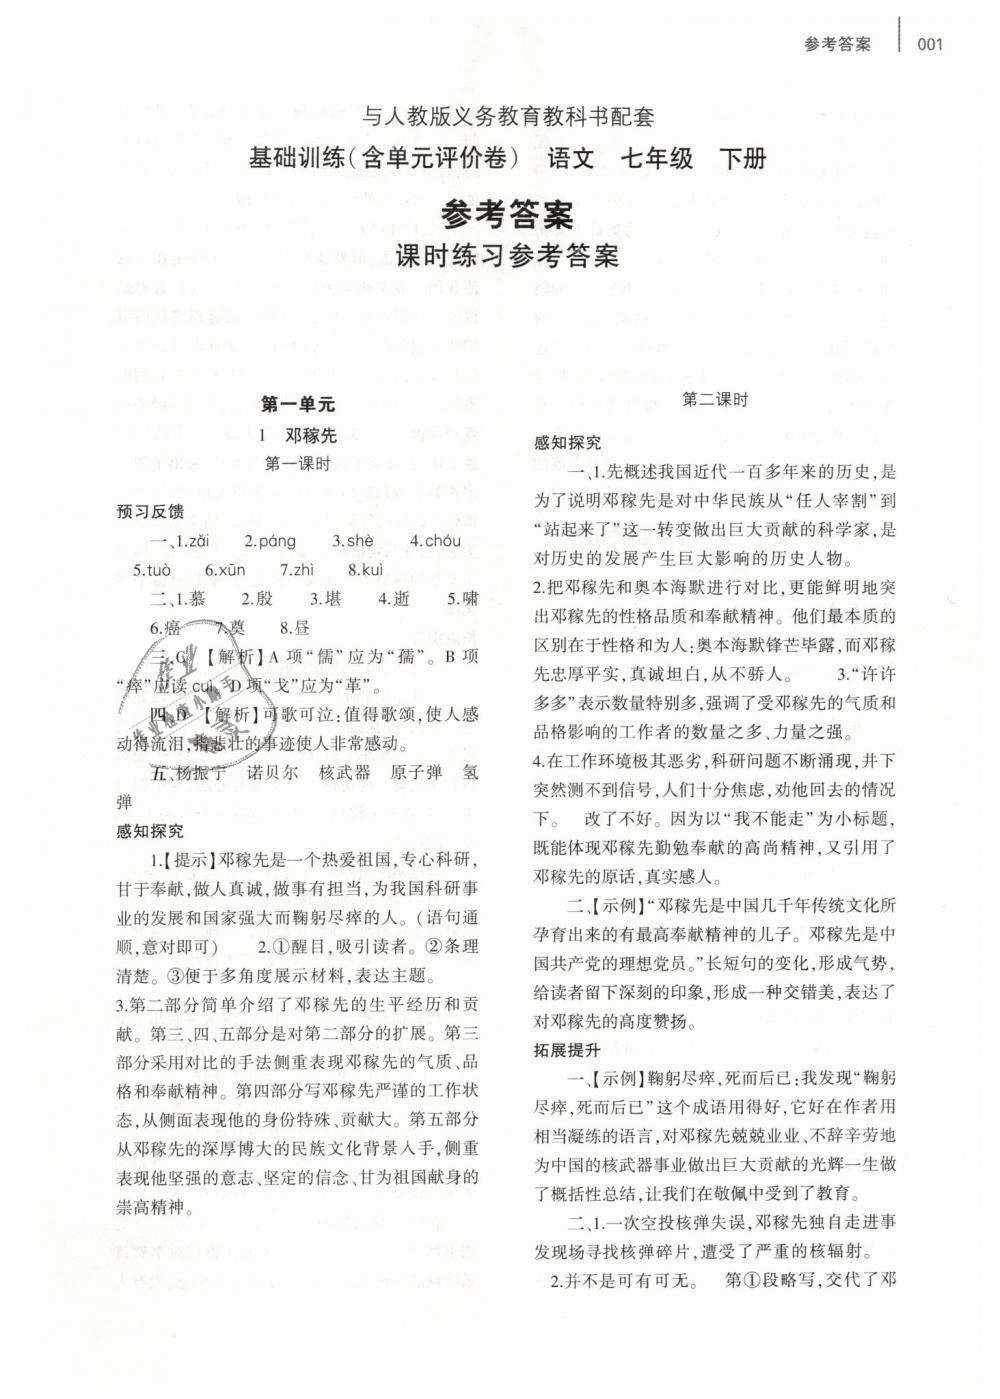 2019年基础训练七年级语文下册人教版大象出版社第1页